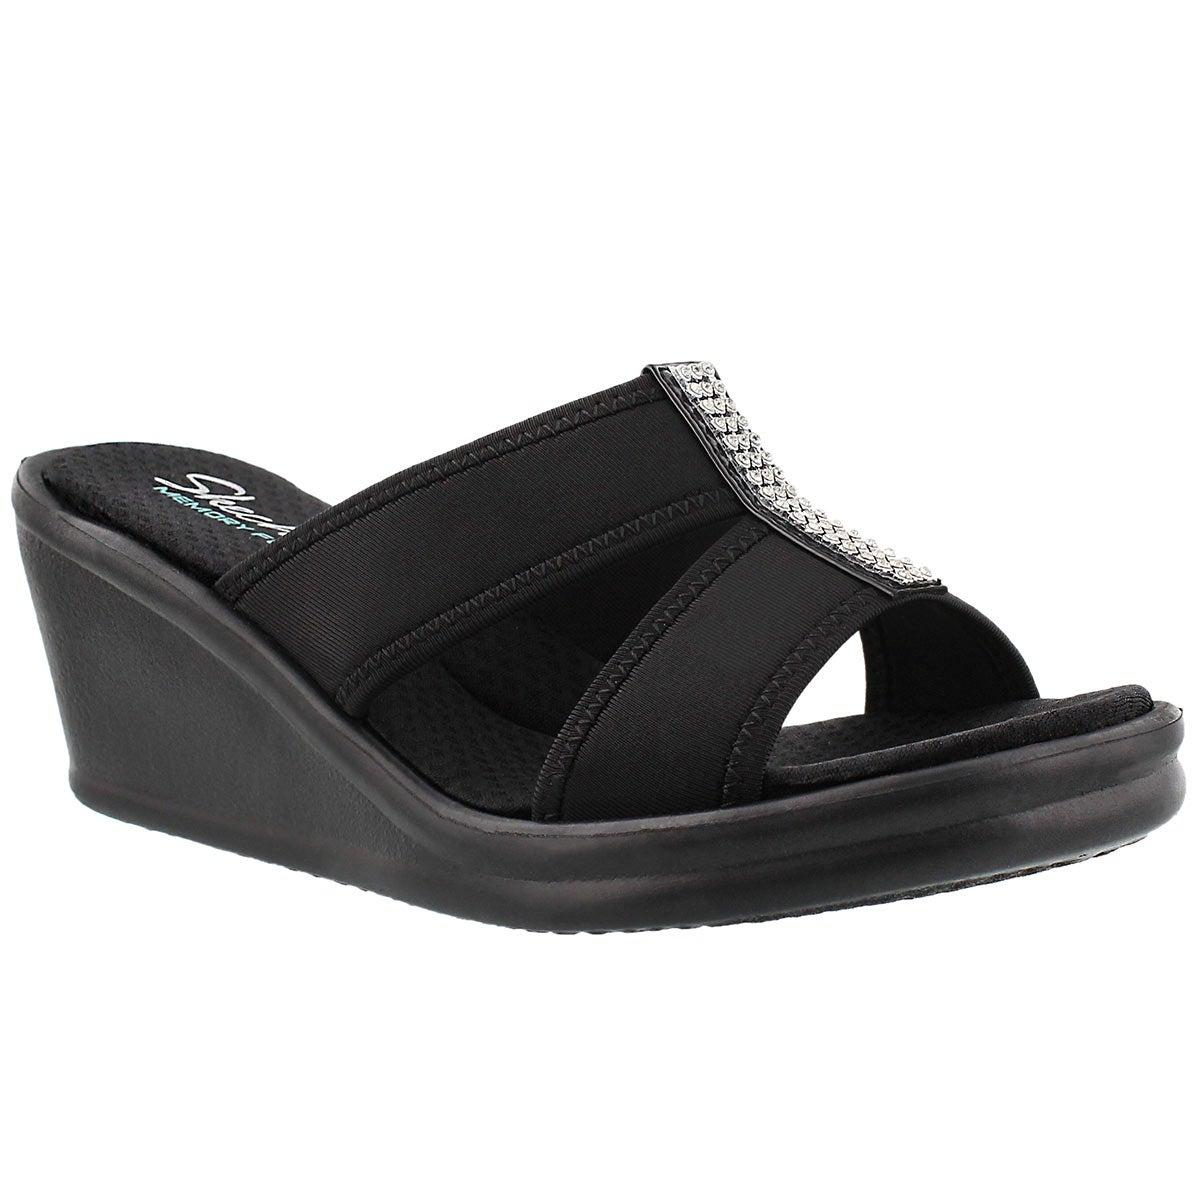 Women's RISK TAKER black wedge sandals